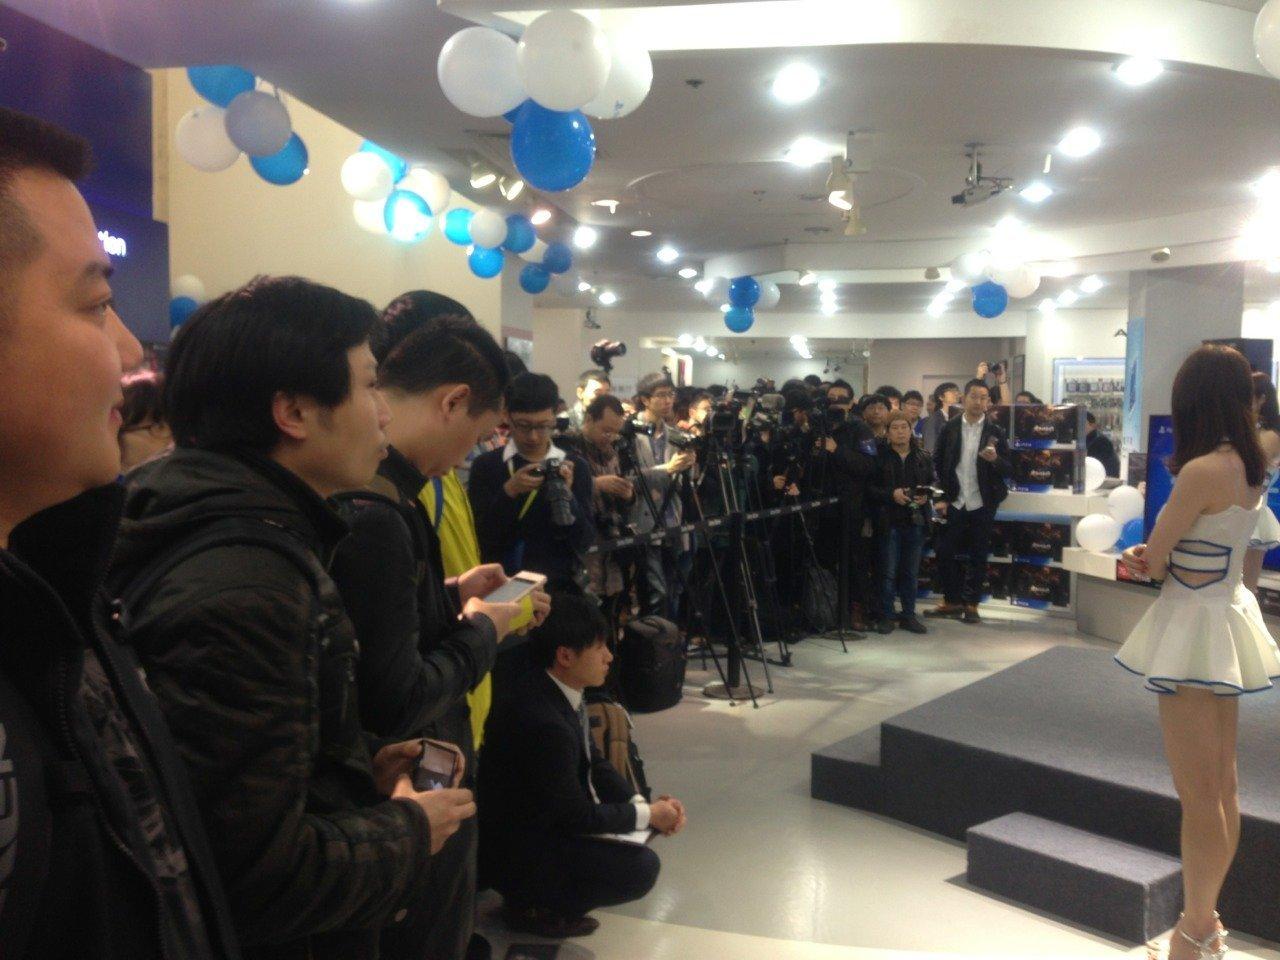 Китайцы встретили PlayStation 4 очередями !!! Долгожданный релиз в Китае !. - Изображение 1